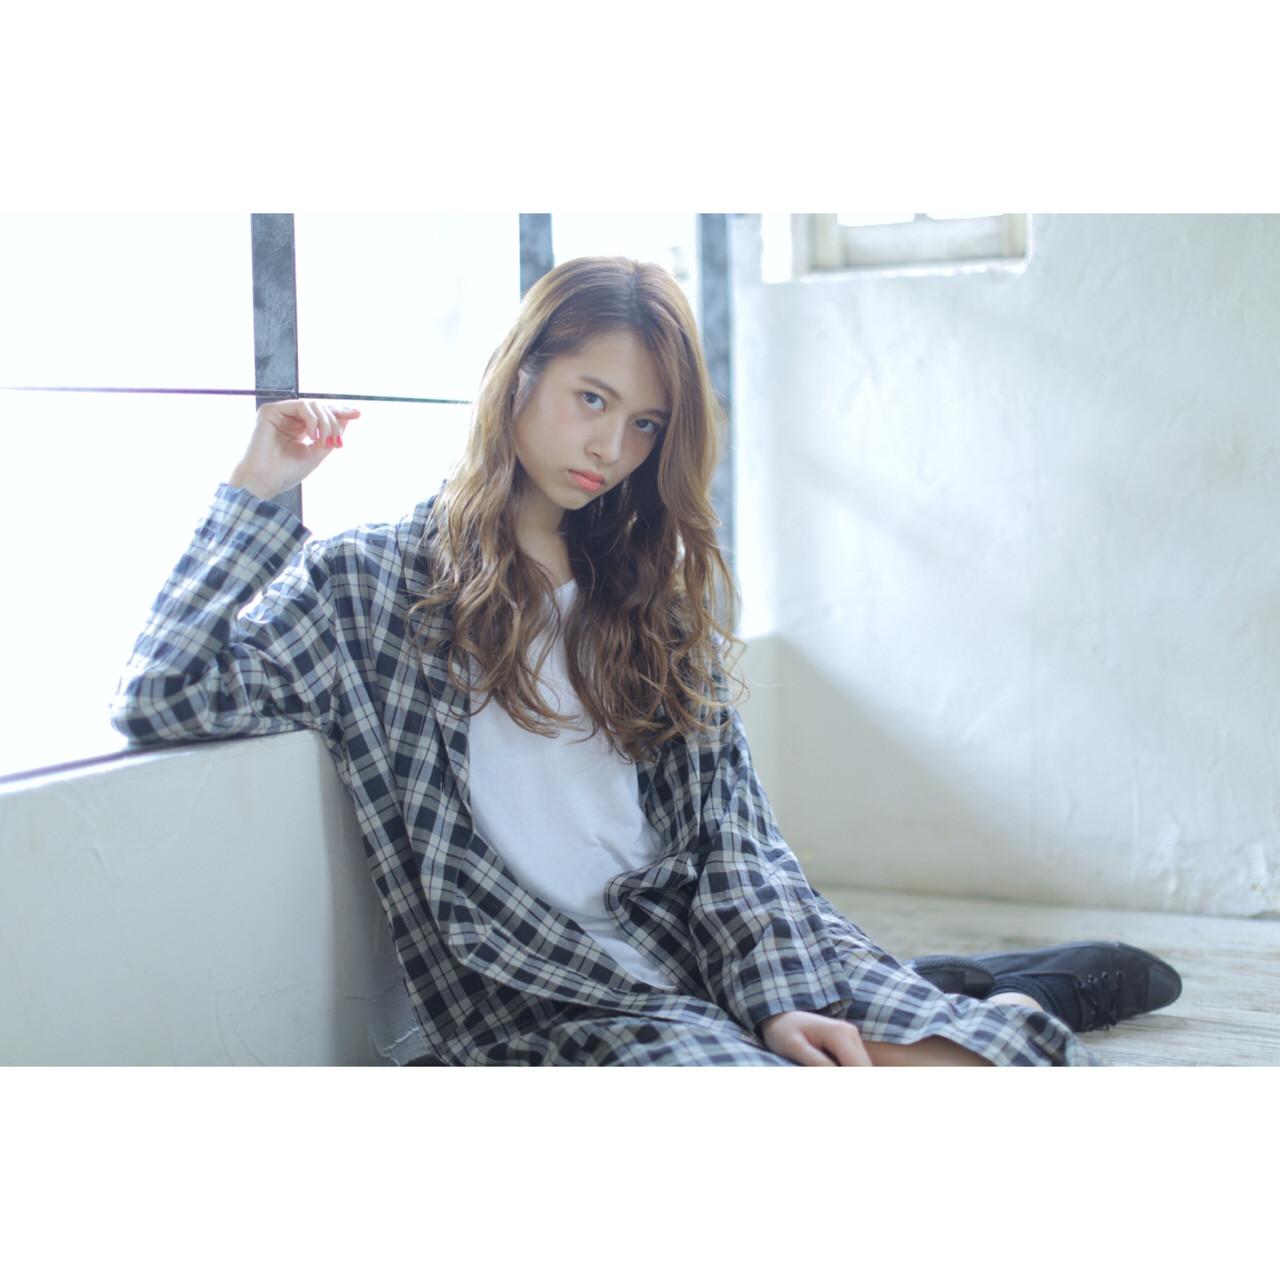 ゆるふわ 簡単 外国人風 ロング ヘアスタイルや髪型の写真・画像 | 瀧野達彦 / SiSi